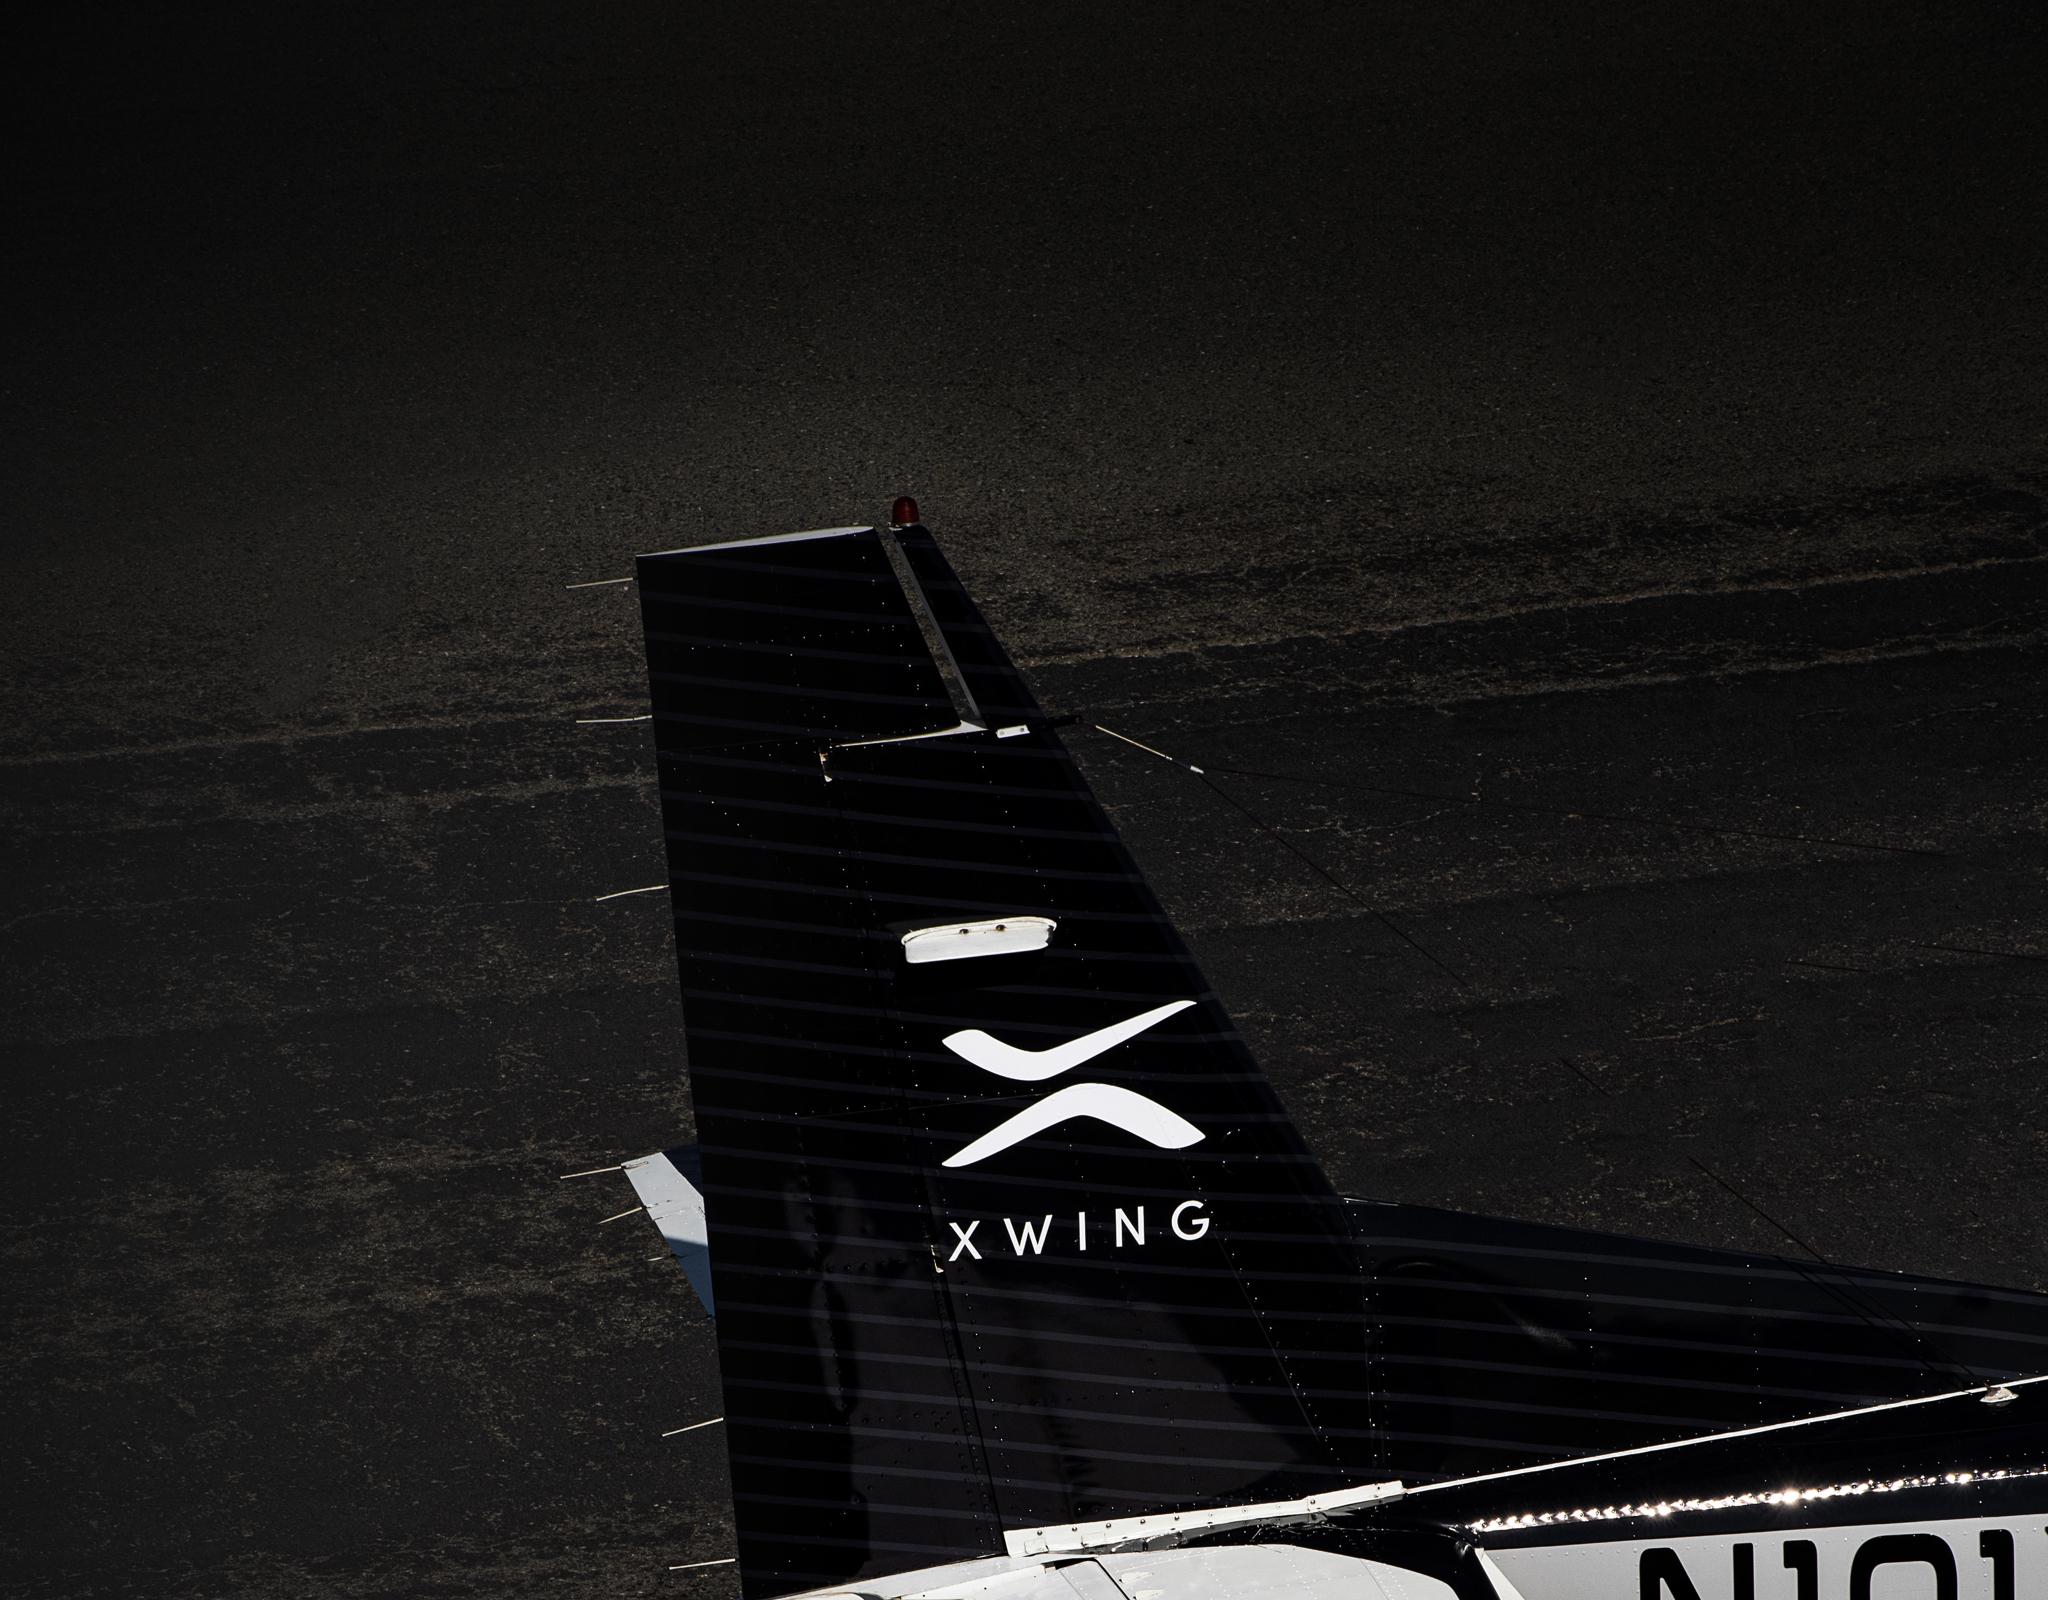 www.xwing.com